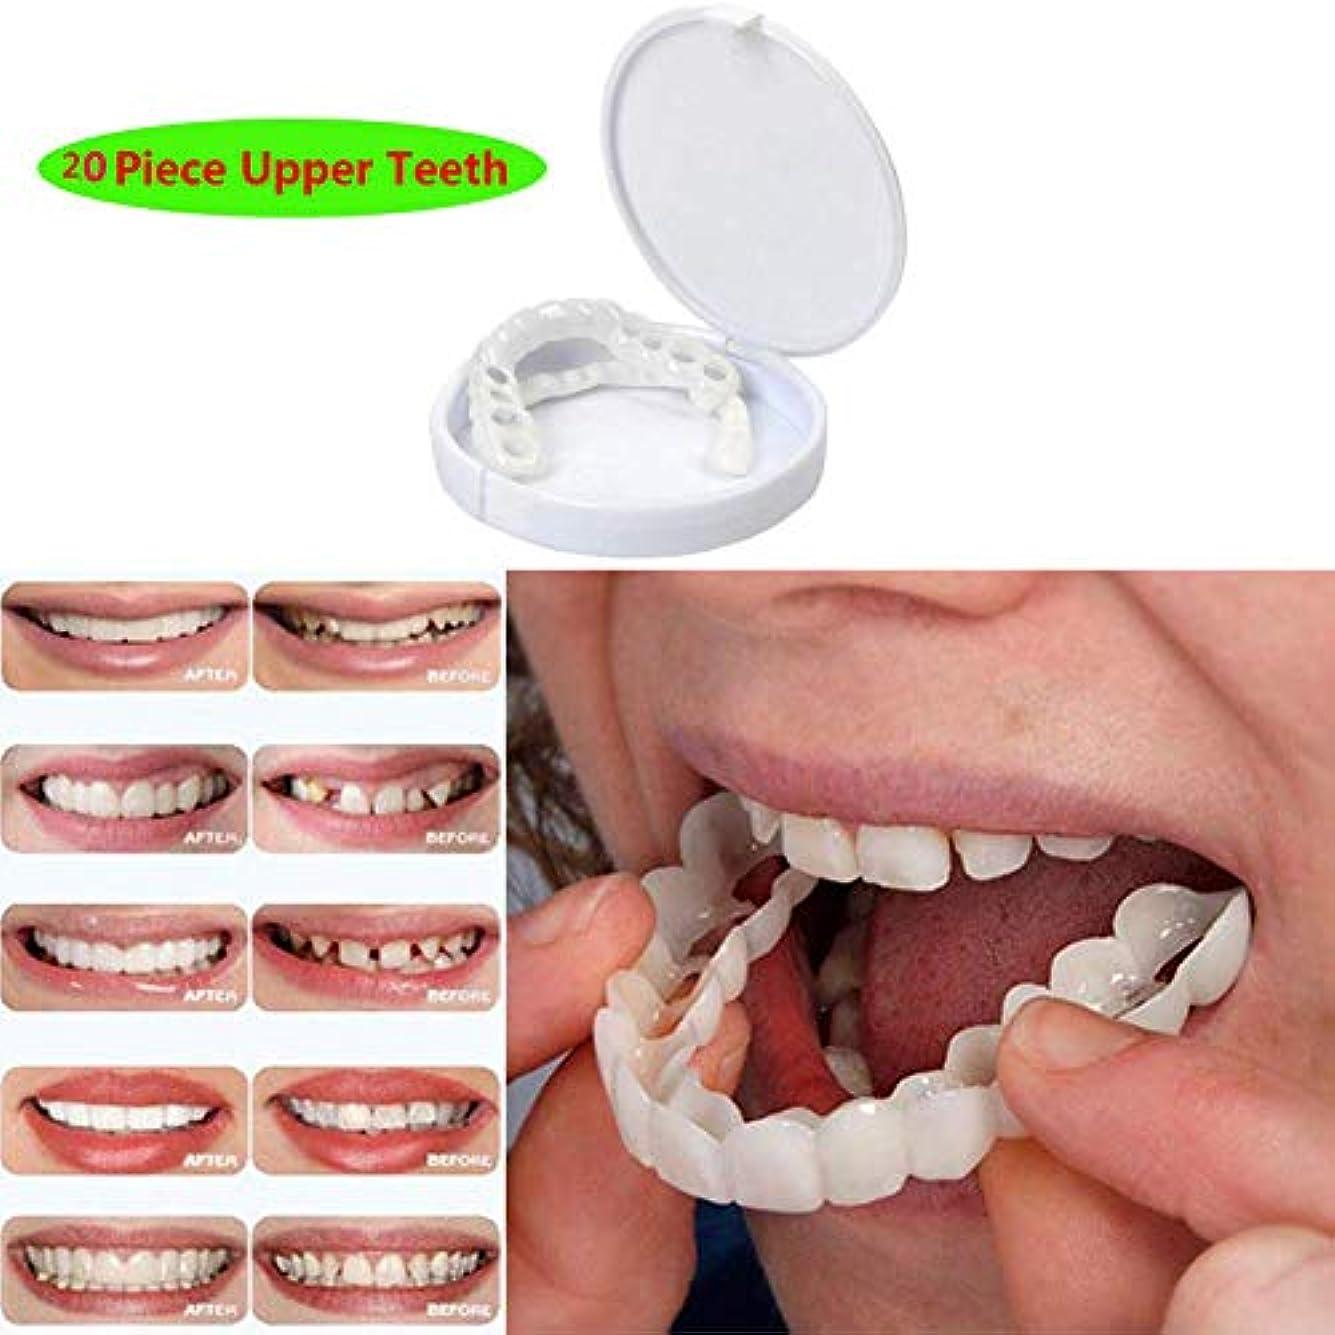 違反するメトリックインゲン20Pcs一時的な化粧品の歯の義歯の化粧品は白くなることを模倣した上括弧を模倣しました